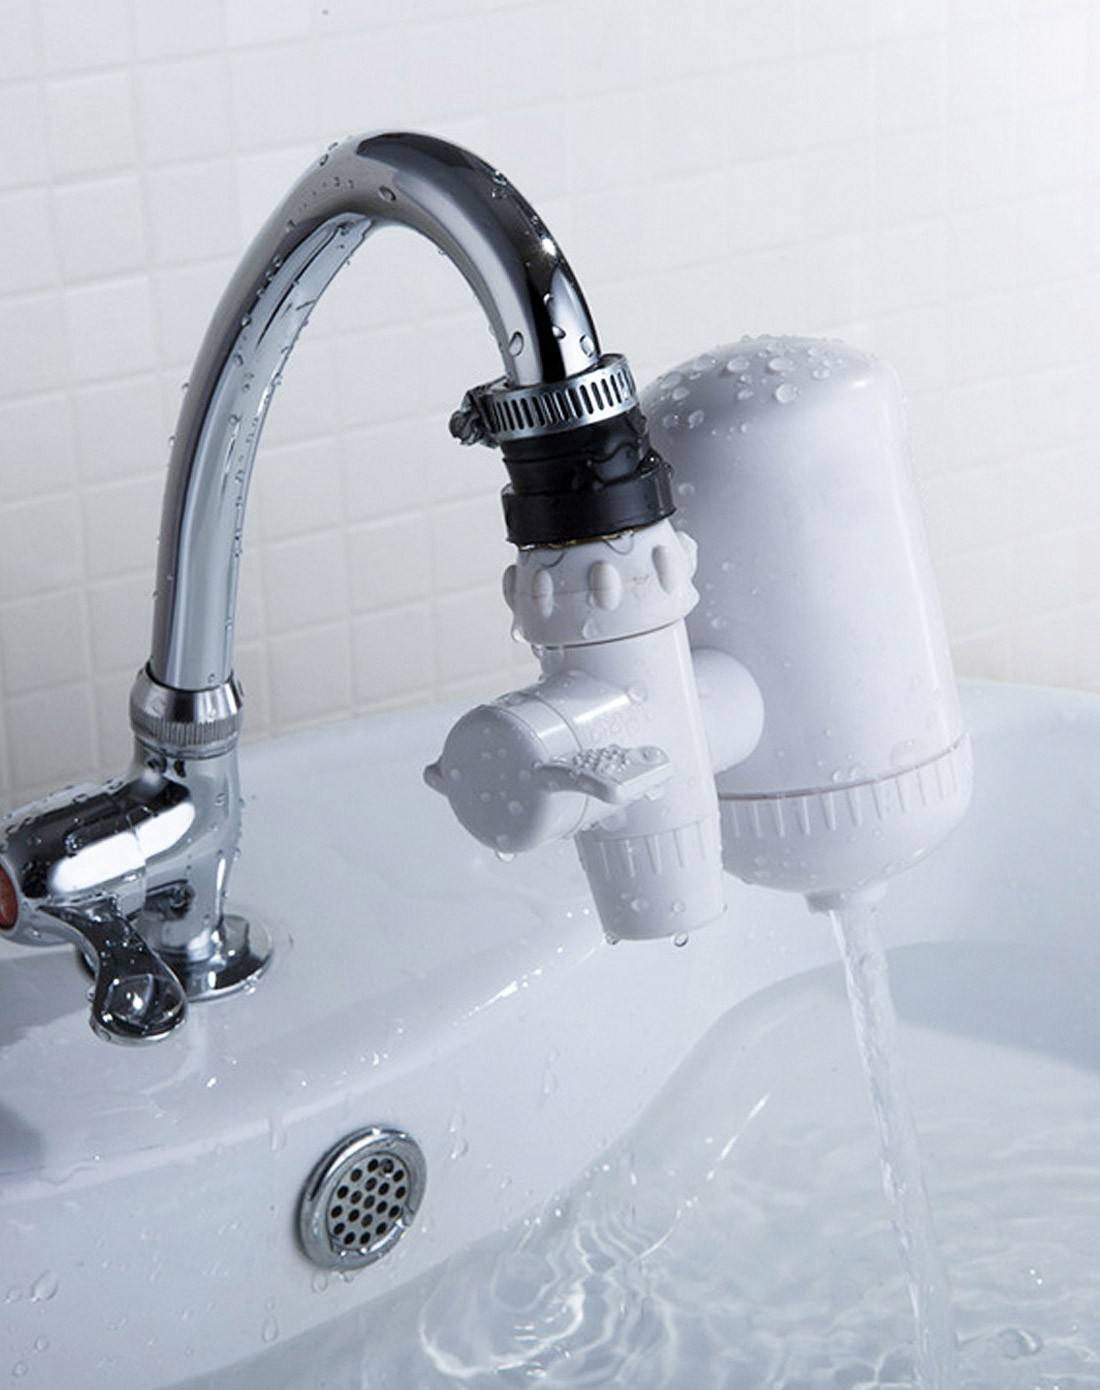 3m水龙头净水器怎么样—3m水龙头净水器好吗